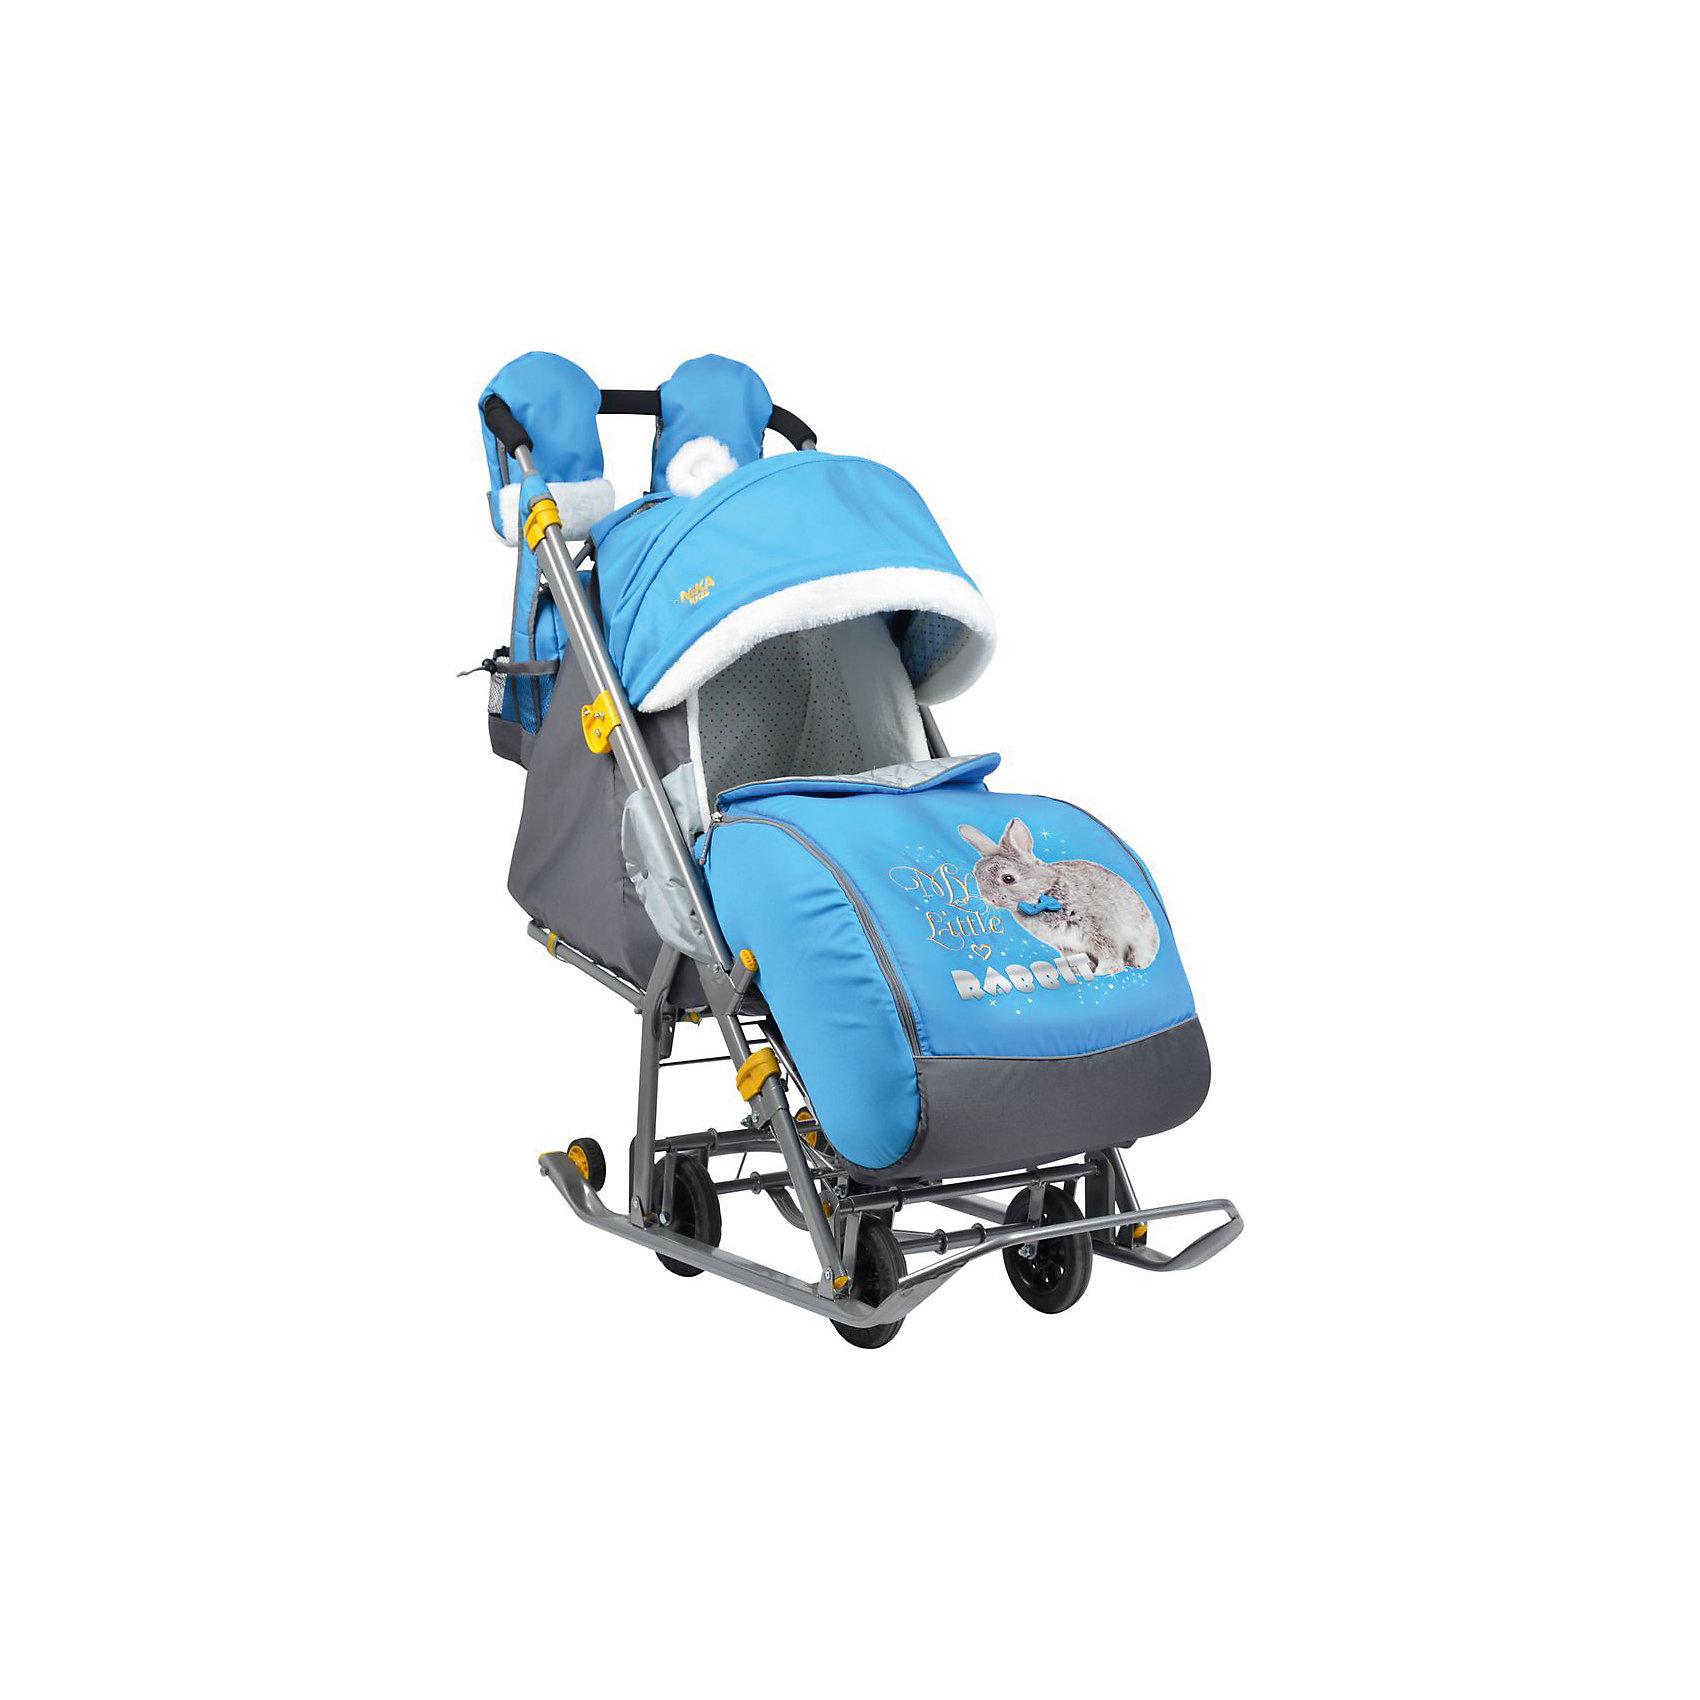 Санки-коляска Ника детям  7-2, Rabbitt, василекСанки-коляски<br>Санки-коляска Ника детям 7-2, Rabbitt, василек – легкое передвижение в снежную погоду.<br>Удобные санки оснащены пятиточечными ремнями безопасности, которые предотвращают выпадение малыша из колясок даже при очень быстрой ходьбе. Благодаря широким полозьям и транспортировочным колесам санки-коляску очень легко перемещать и возить как по бездорожью, так и по дорогам с небольшим количеством снега. Чехол для ножек и капюшон с окошком позволяют малышу укрыться от снега, ветра, метели и не заскучать. Спинка регулируется в трех положениях, а специальная подножка позволяет ребенку удобно разместиться лежа. Ручка для родителей имеет два положения: сзади санок и спереди, и оснащена теплыми варежками для долгих прогулок. В комплект к санкам идет вместительная сумка.<br><br>Дополнительная информация:<br><br>- материал: металл, полиэсте <br>- размер в разложенном виде (с выдвинутой колесной базой):105х44,5х109,5 см<br>- высота ручки от земли: 93 см<br>- размер сиденья: 32 х 29 см<br>- размер спинки: 33х43 см<br>- размер в сложенном виде: 110,5х44,5х28 см<br>- вес: 10 кг<br>- максимальный вес ребенка: 25 кг<br><br>Санки-коляска Ника детям 7-2, Rabbitt, василек можно купить в нашем магазине.<br><br>Ширина мм: 1105<br>Глубина мм: 445<br>Высота мм: 280<br>Вес г: 11000<br>Возраст от месяцев: 12<br>Возраст до месяцев: 48<br>Пол: Унисекс<br>Возраст: Детский<br>SKU: 4937467